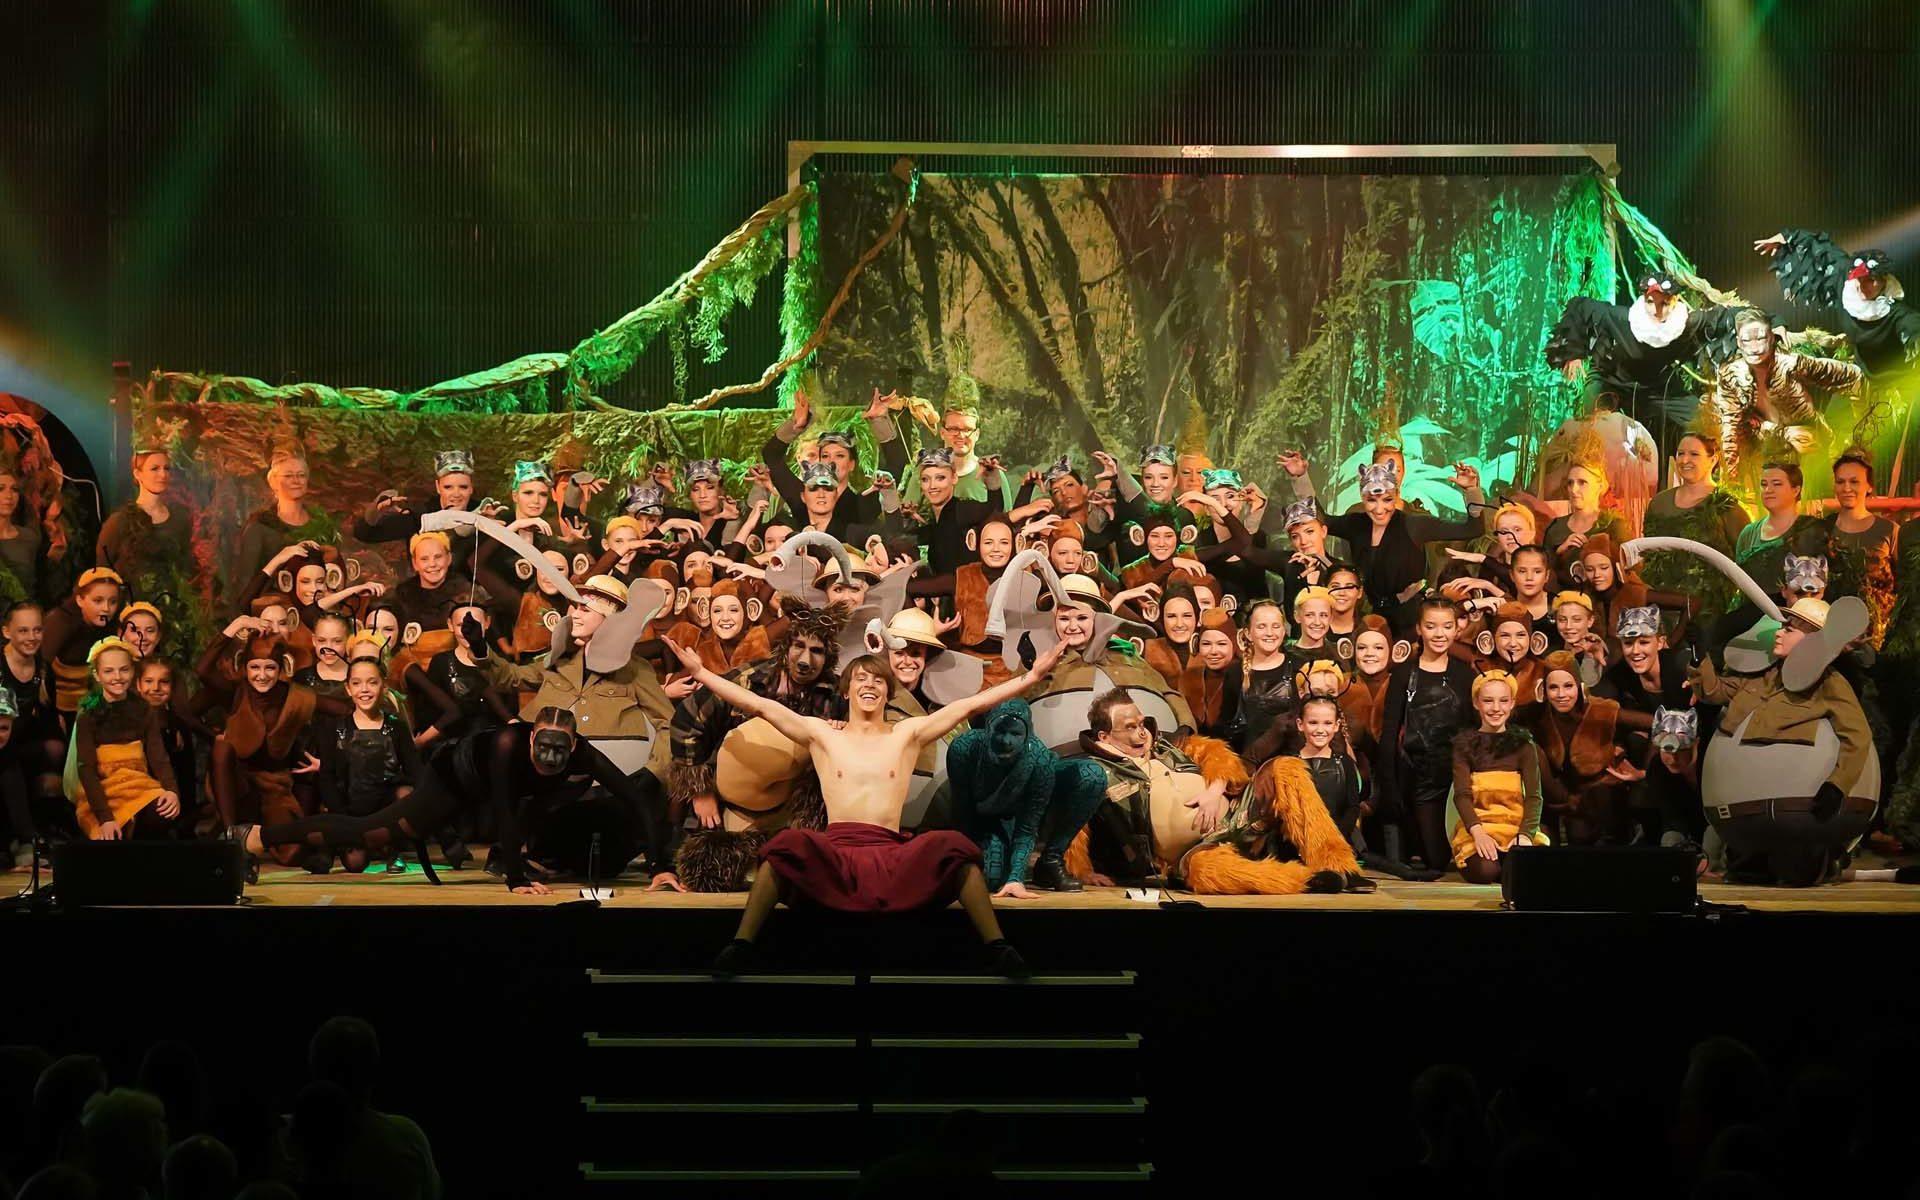 PT on Stage - Dschungelbuch Schlußbild